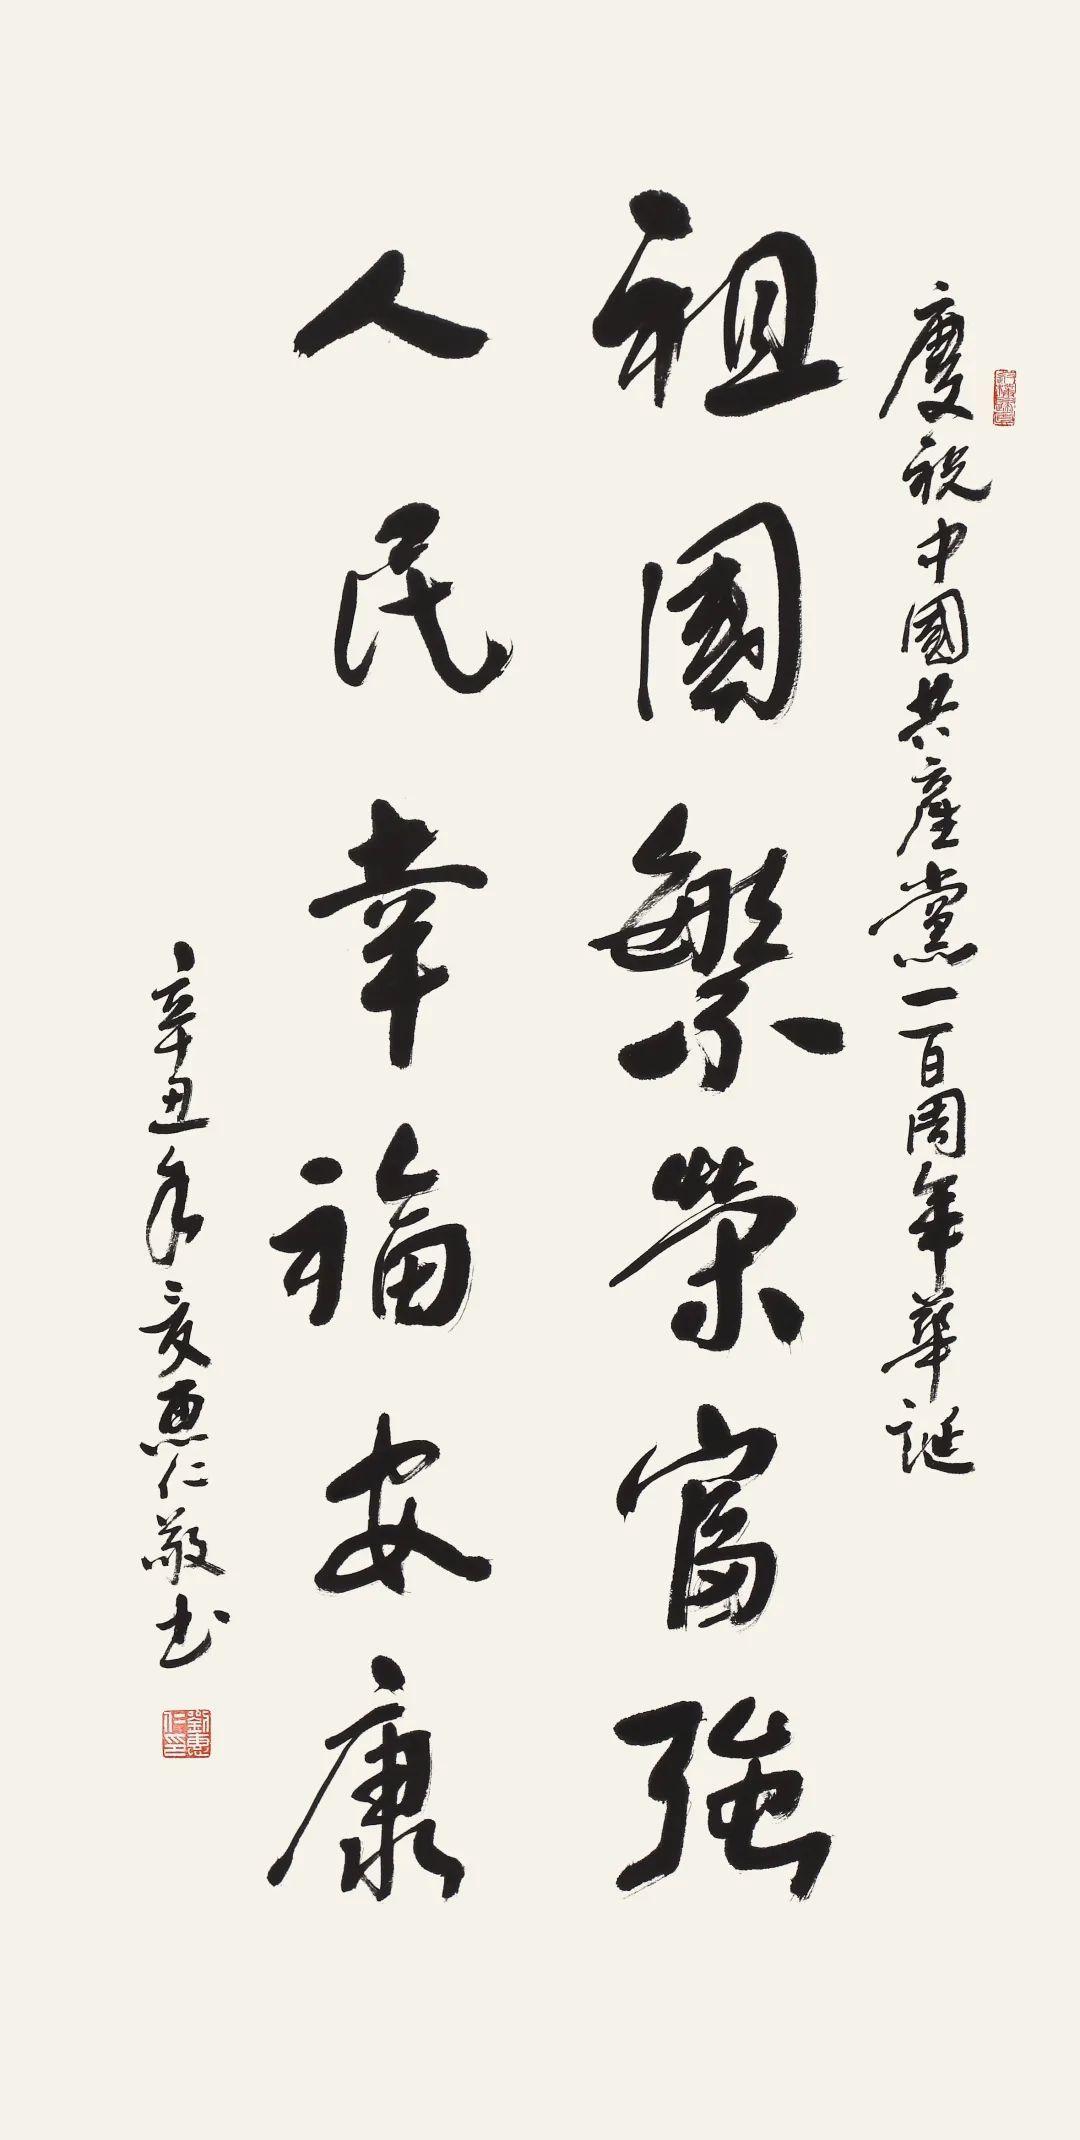 刘惠仁先生